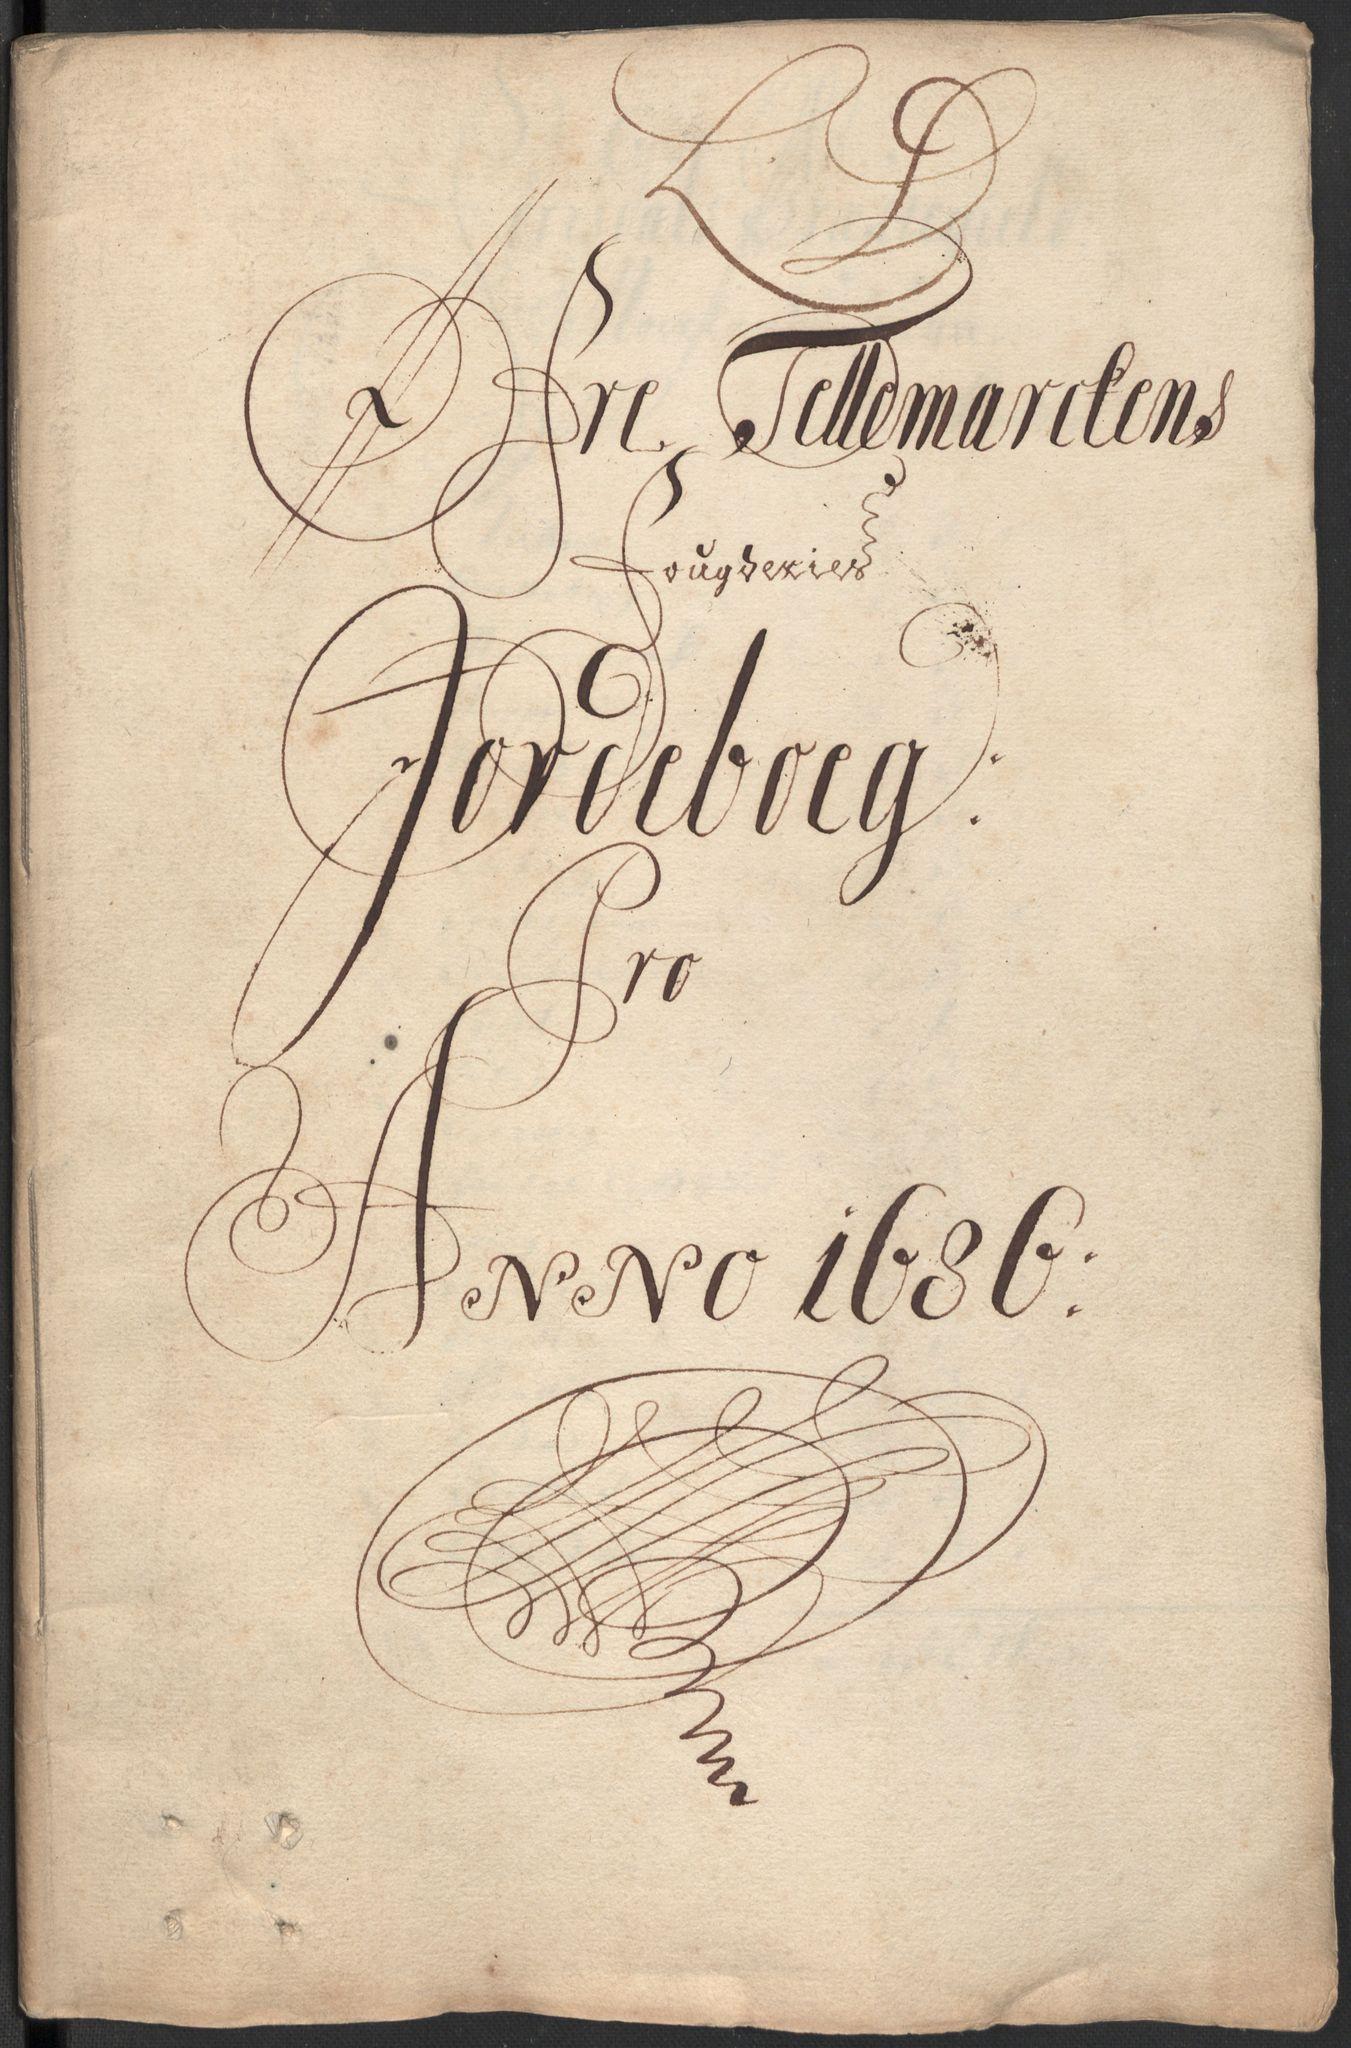 RA, Rentekammeret inntil 1814, Reviderte regnskaper, Fogderegnskap, R35/L2083: Fogderegnskap Øvre og Nedre Telemark, 1686, s. 28